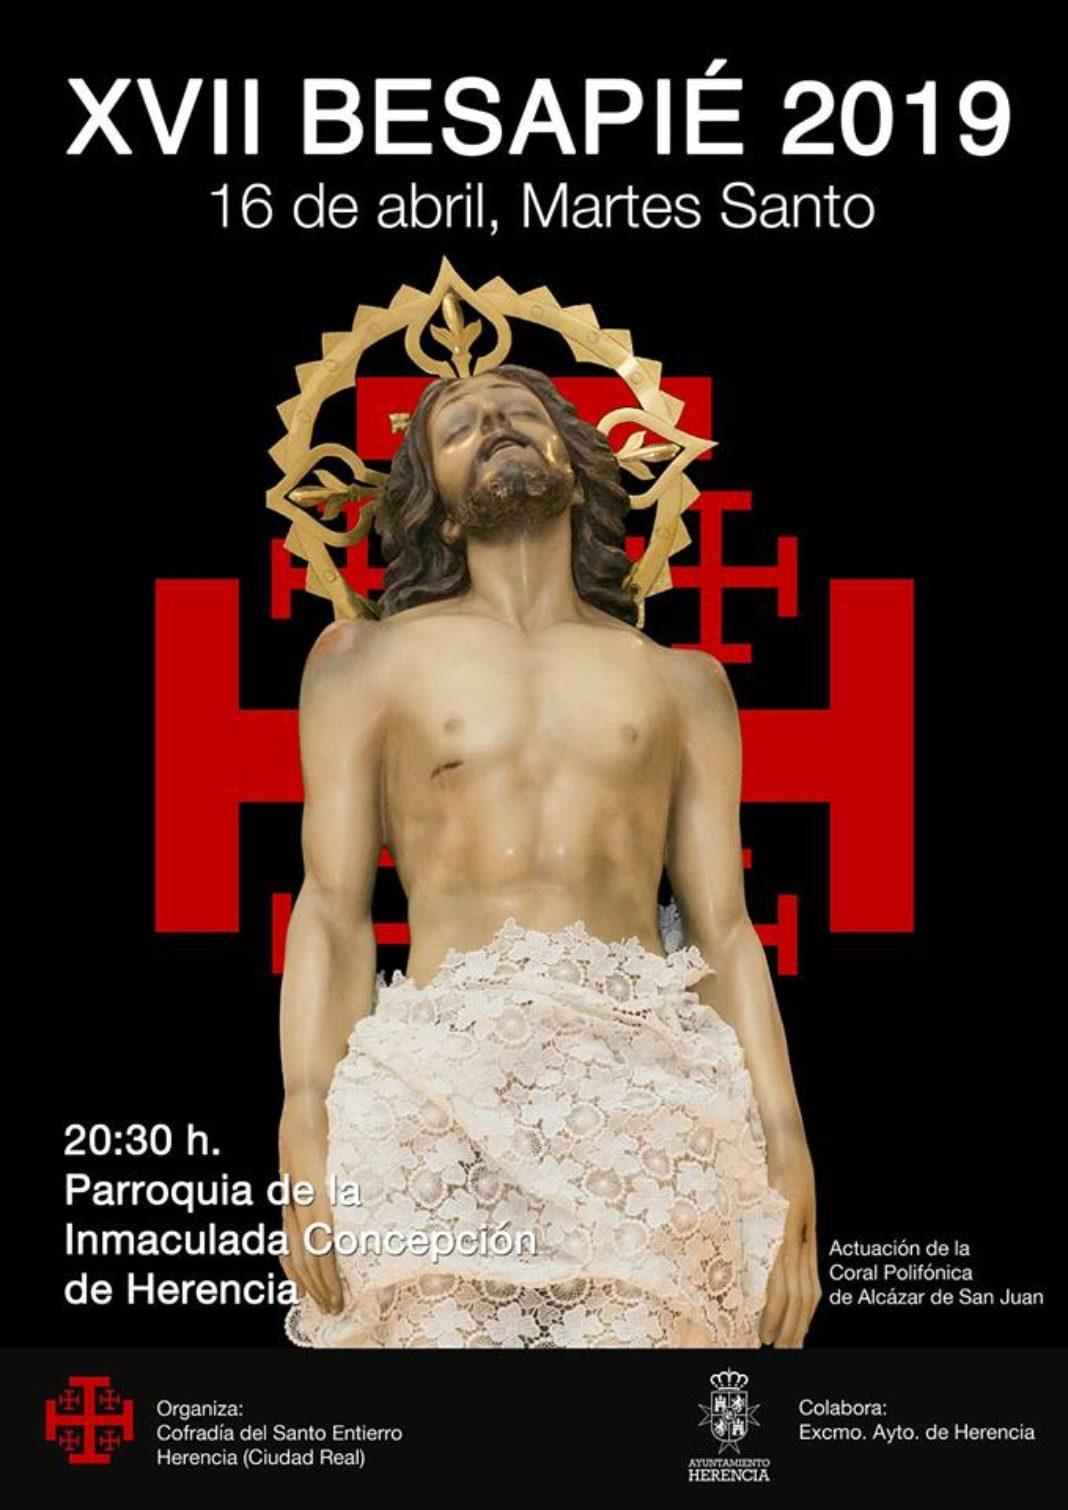 Acto cofrade del Santo Entierro de Herencia 1068x1510 - Décimo séptimo acto cofrade y besapie del Cristo Yacente